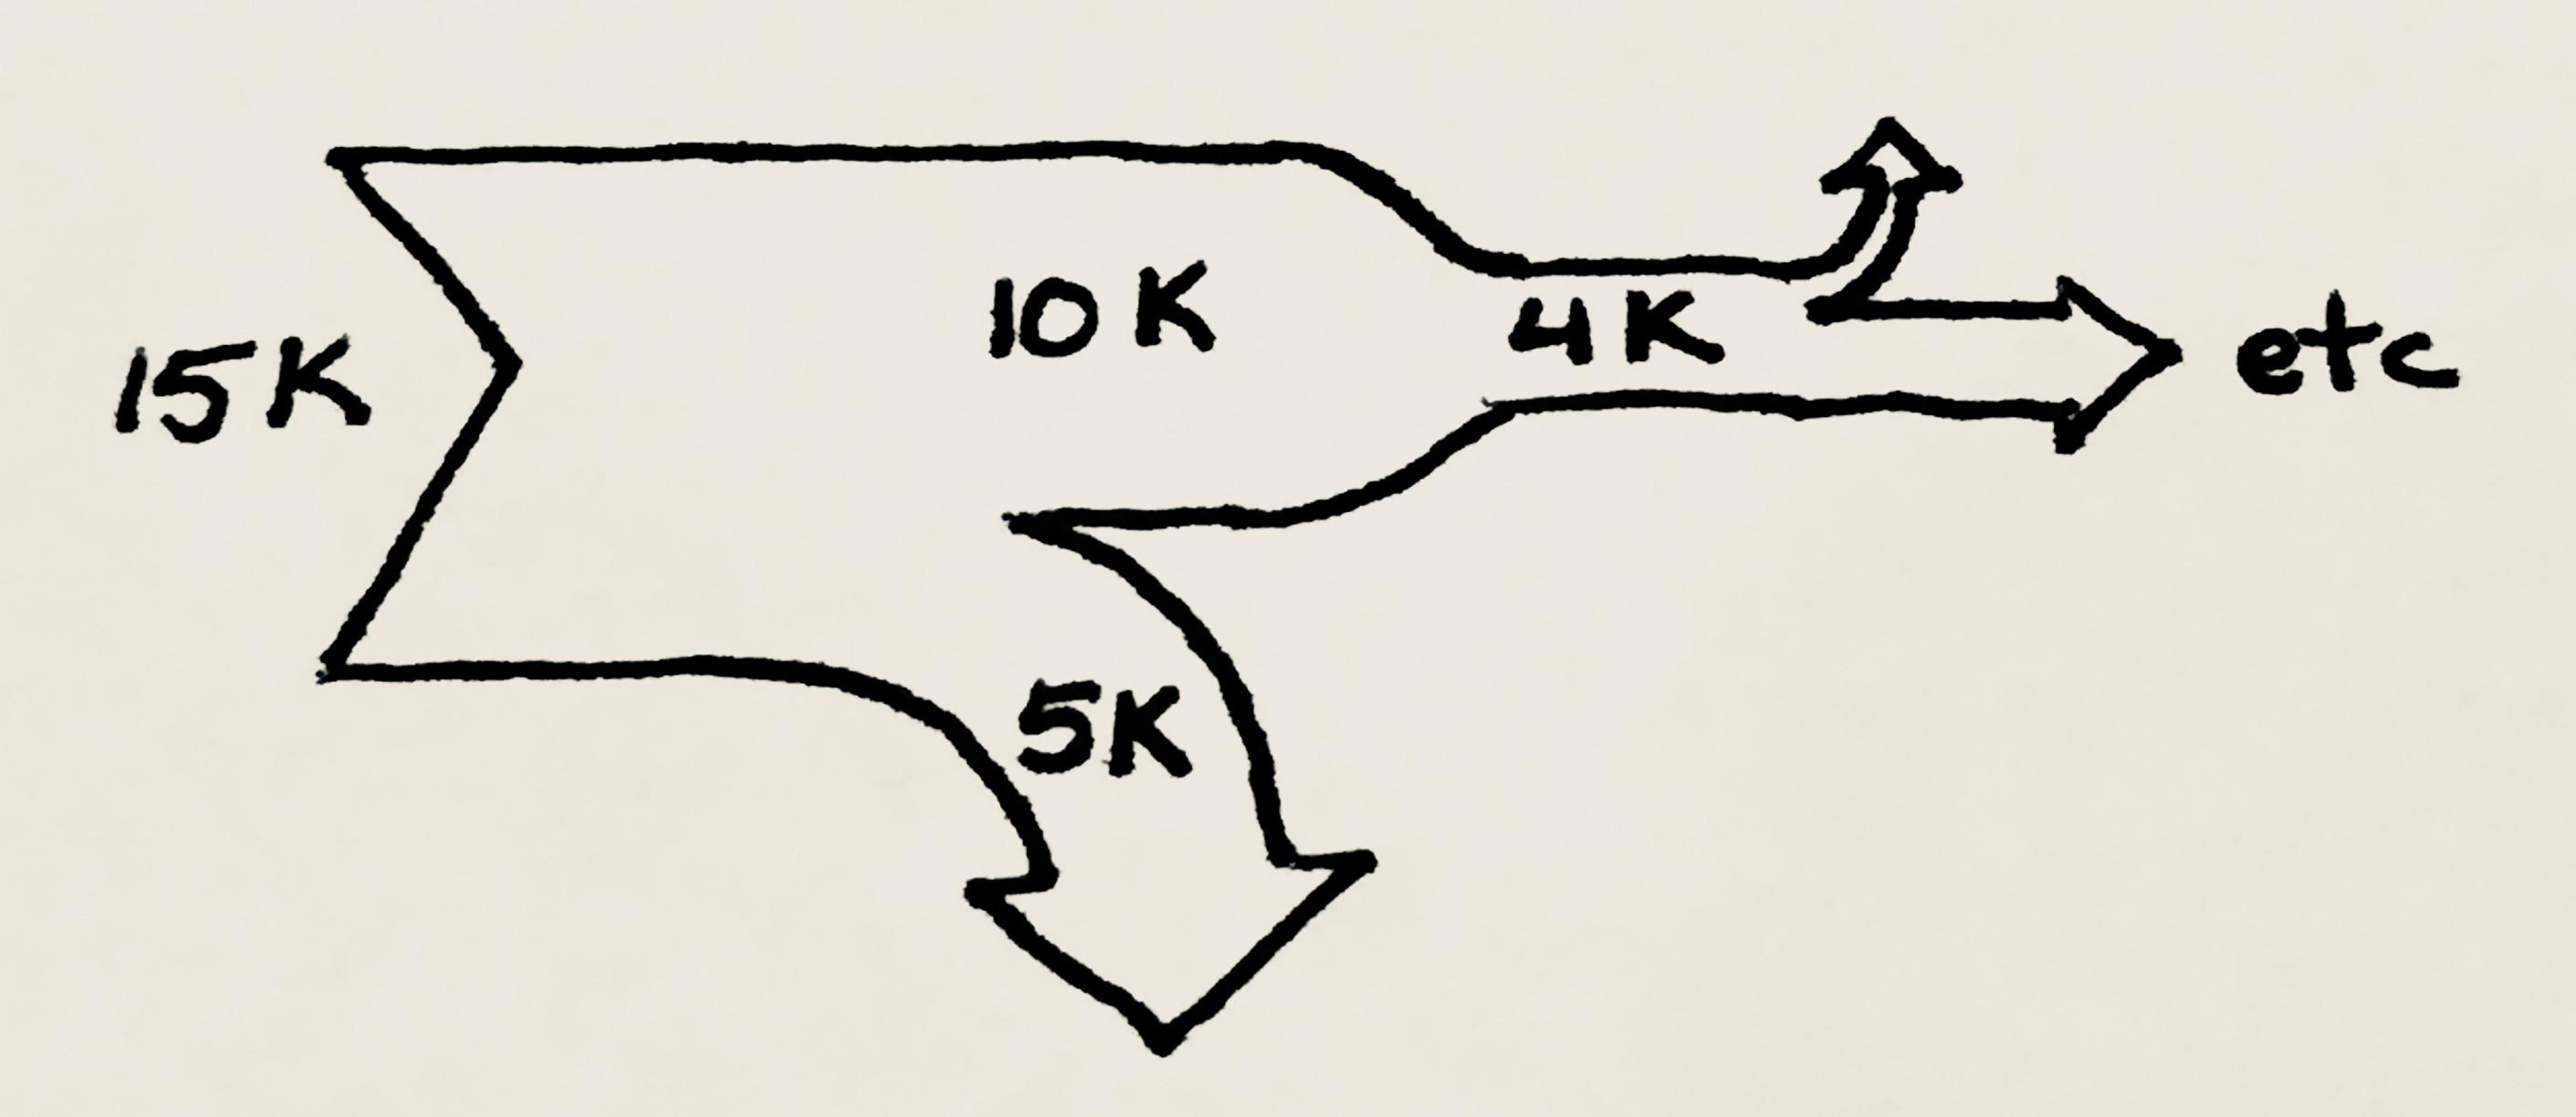 sankey diagram napoleon